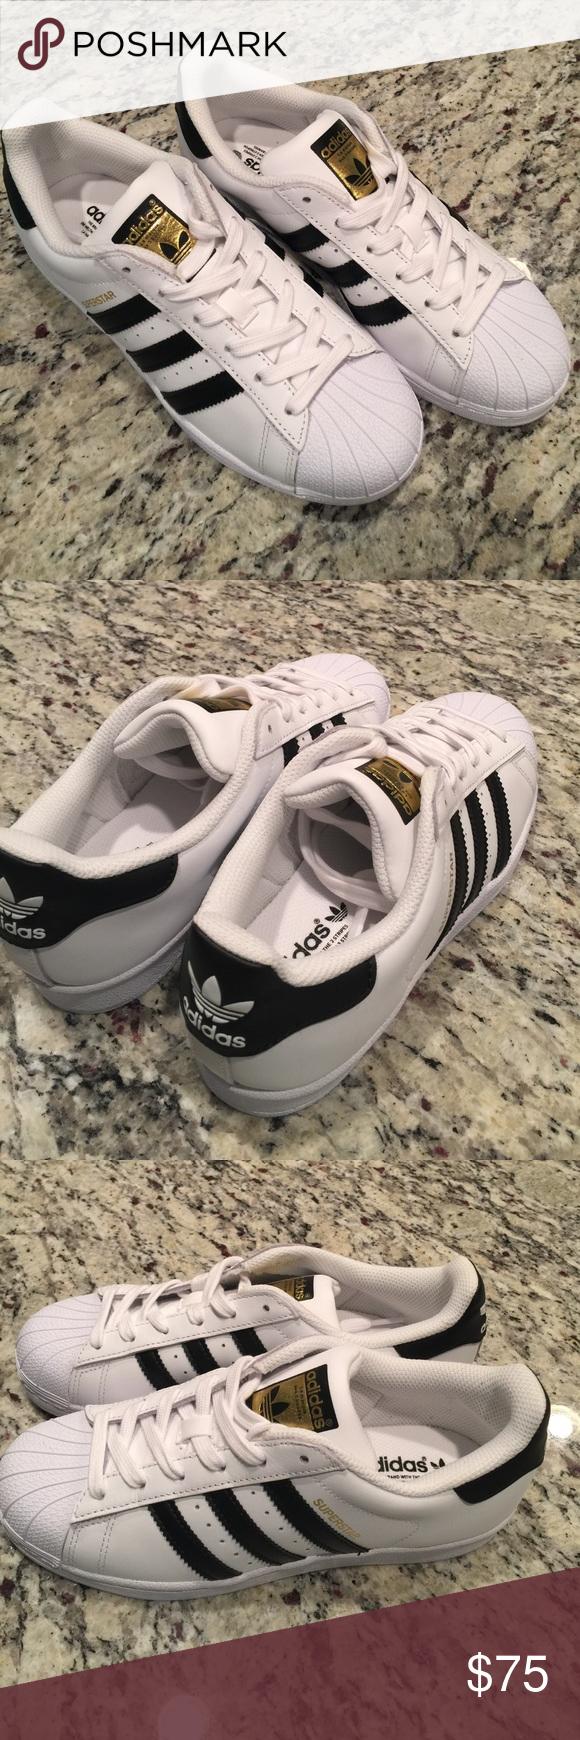 Adidas superstar adidas superstar, adidas e scarpe adidas